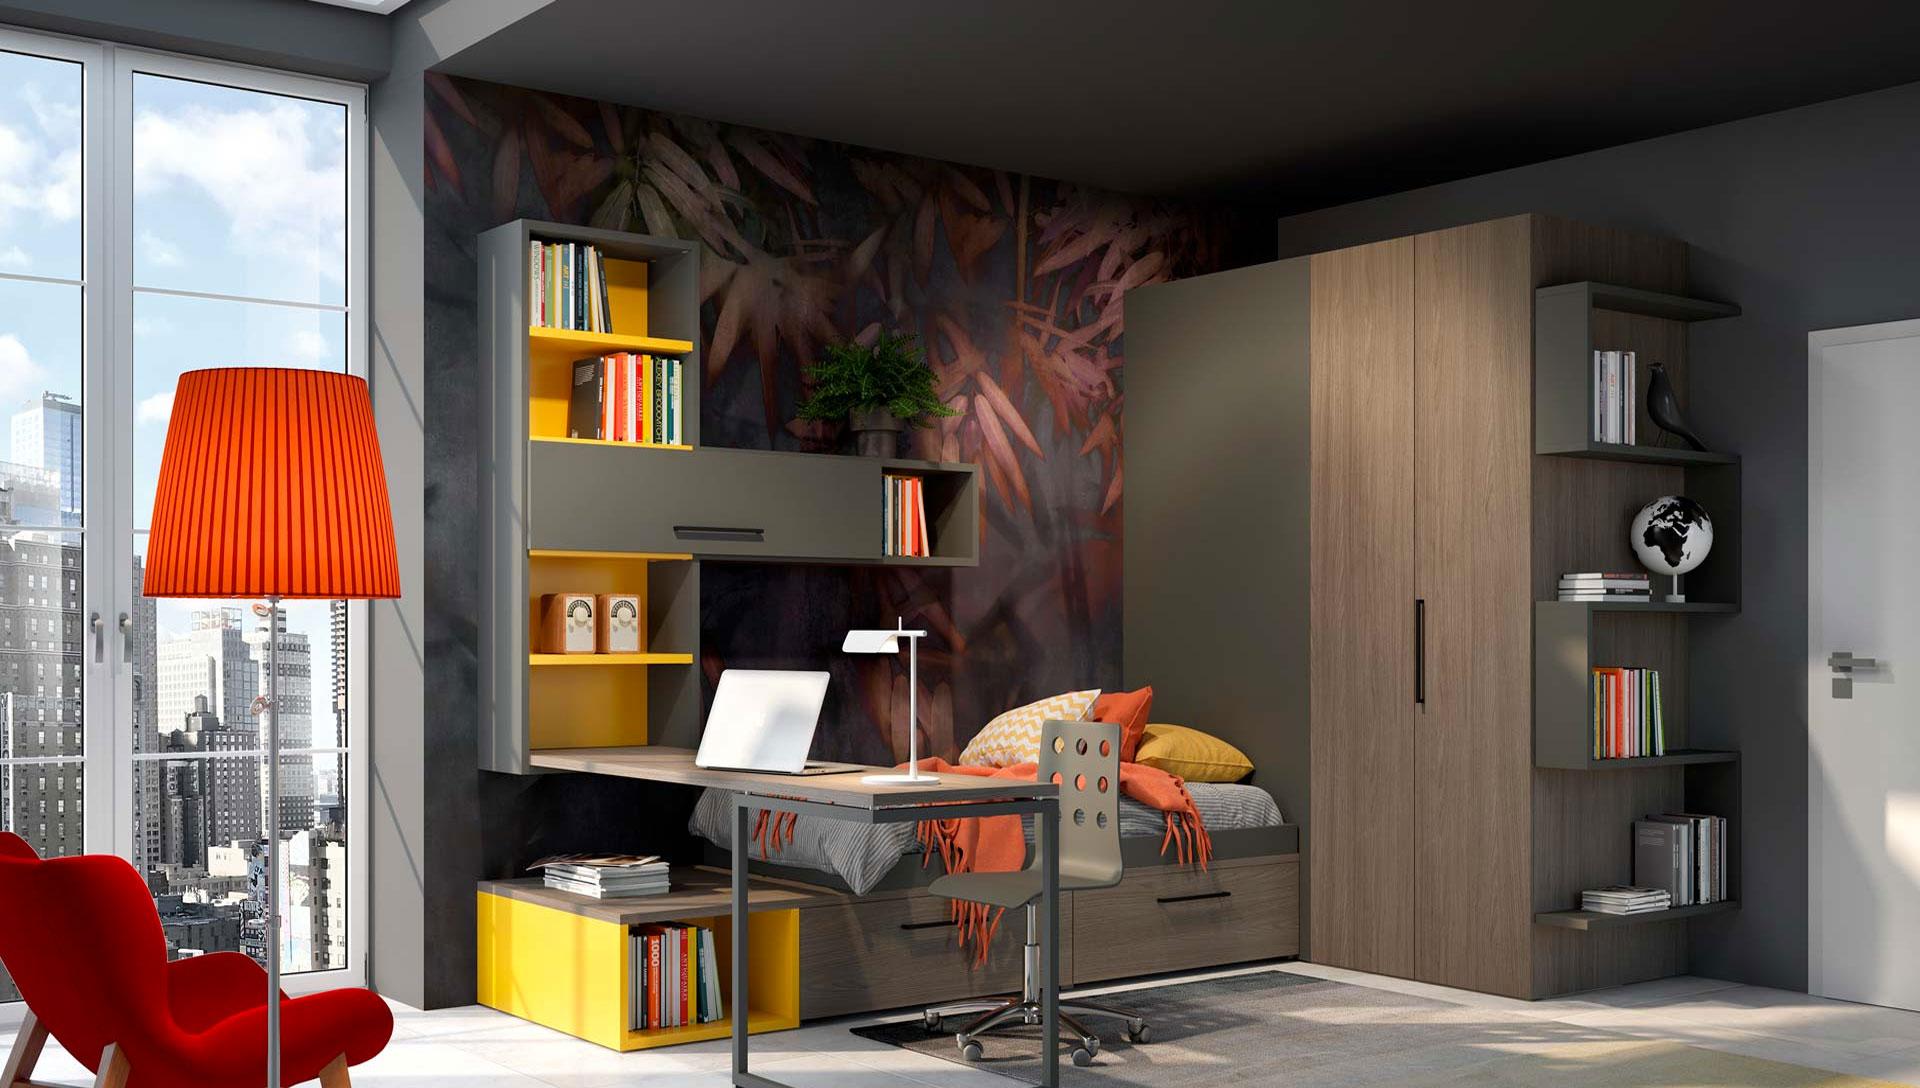 zona-notte-ferri-mobili-comodus-arredamenti-nicoletti-interni-interior-design-divani-complementi-arredo-mobili-design-accessori-matera